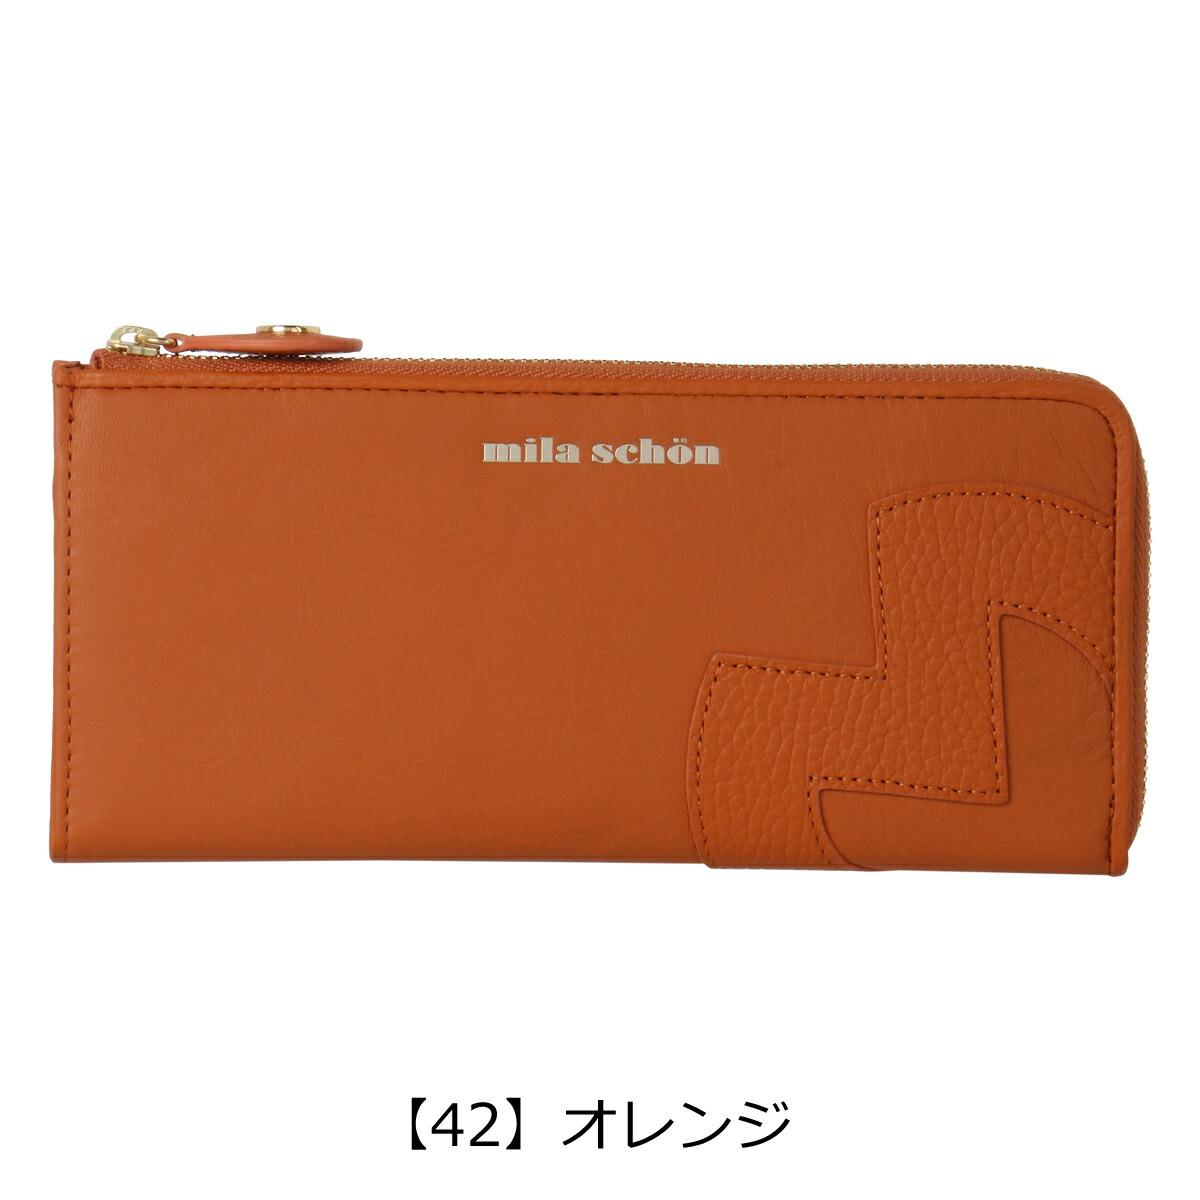 【42】オレンジ